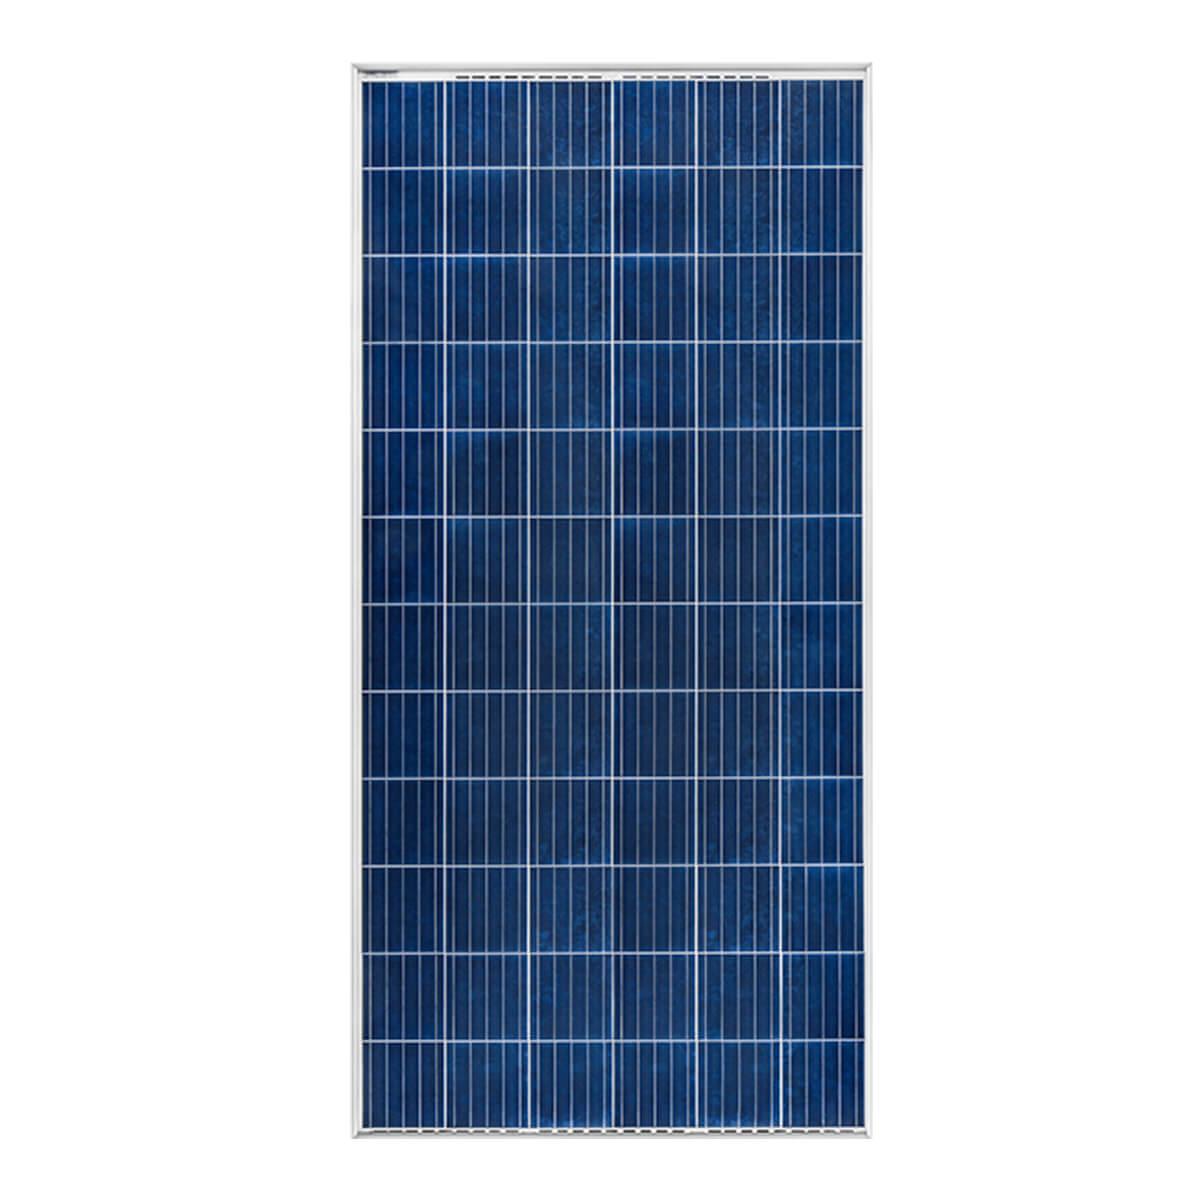 2h enerji winasol 325W panel, 2h enerji winasol 325Watt panel, 2h enerji winasol 325 W panel, 2h enerji winasol 325 Watt panel, 2h enerji winasol 325 Watt polikristal panel, 2h enerji winasol 325 W watt gunes paneli, 2h enerji winasol 325 W watt polikristal gunes paneli, 2h enerji winasol 325 W Watt fotovoltaik polikristal solar panel, 2h enerji winasol 325W polikristal gunes enerjisi, 2h enerji winasol 72-325W panel, WINASOL 325 WATT